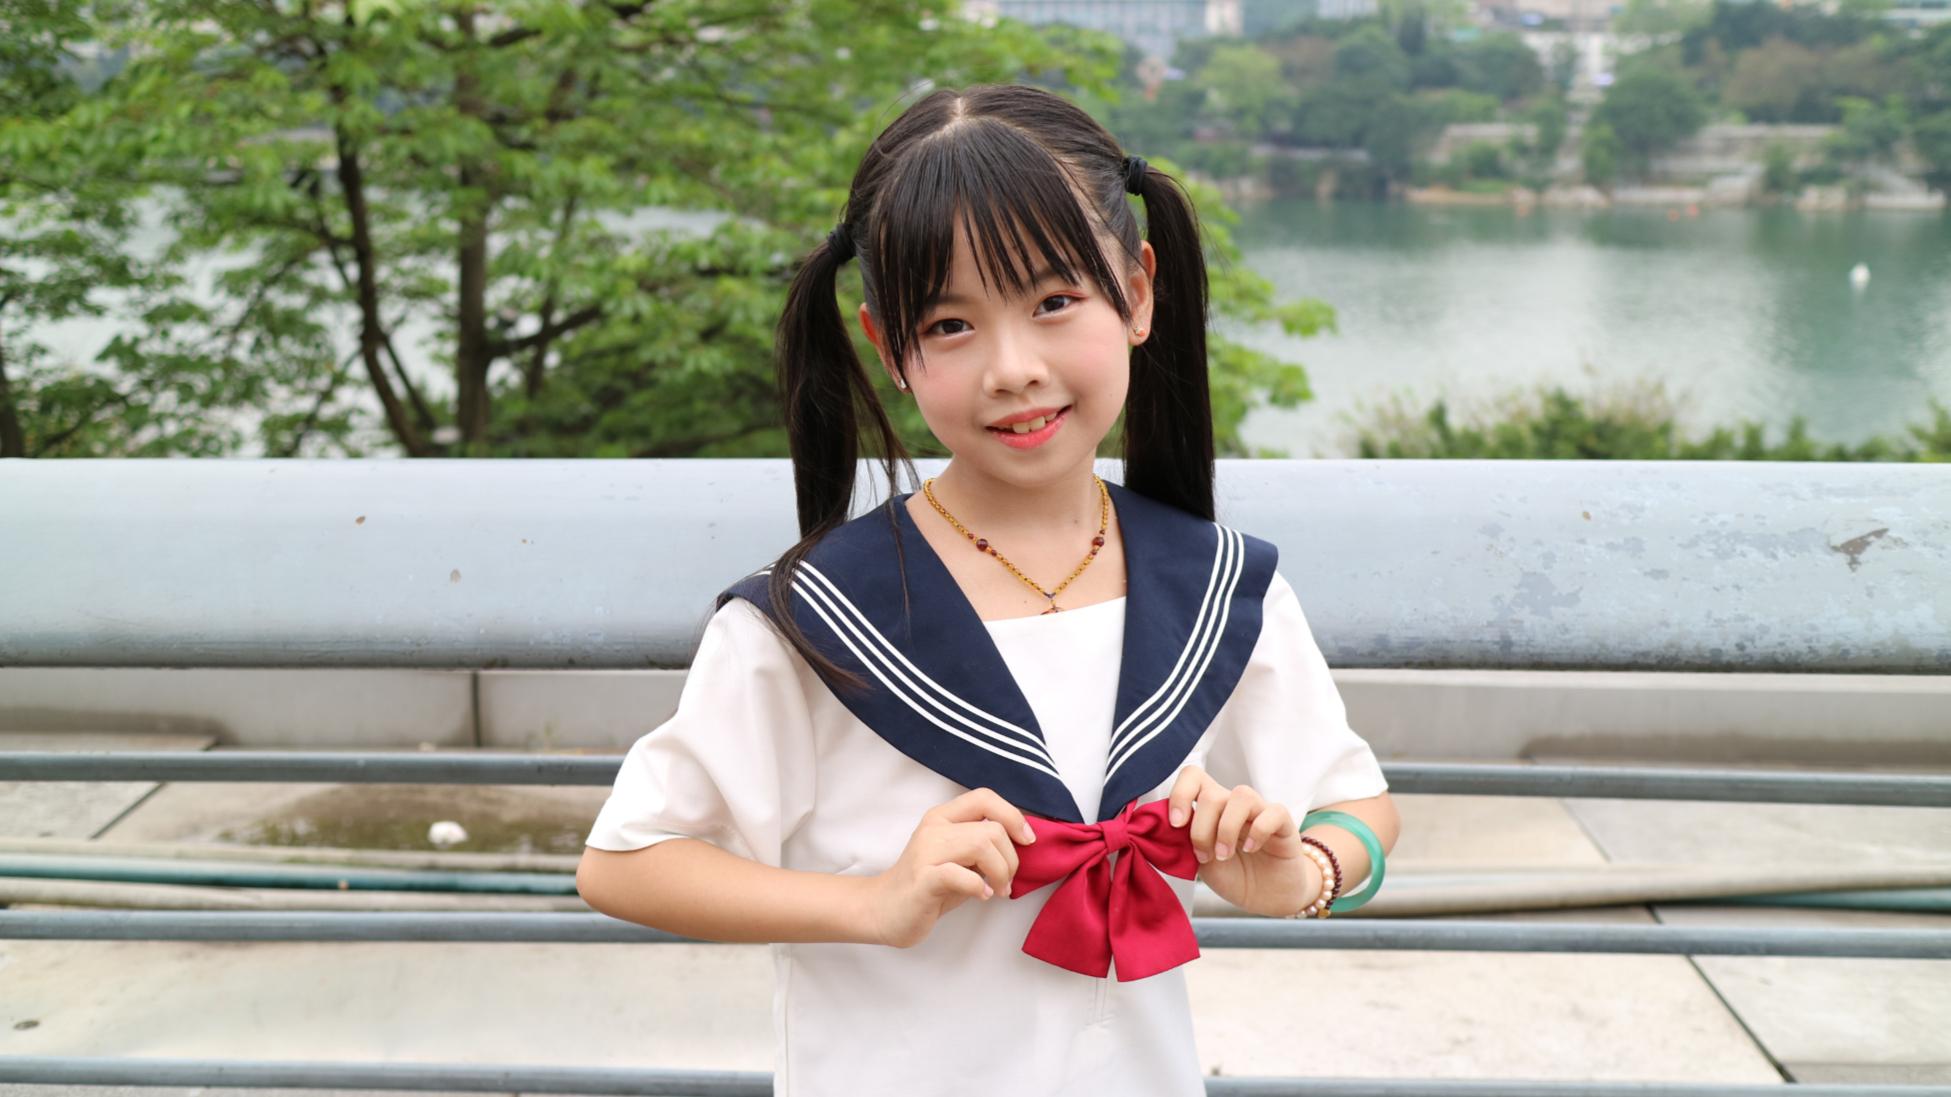 10岁小学生登台演唱《快乐星猫》主题曲,声音甜美治愈,有没有勾起你的童年回忆?